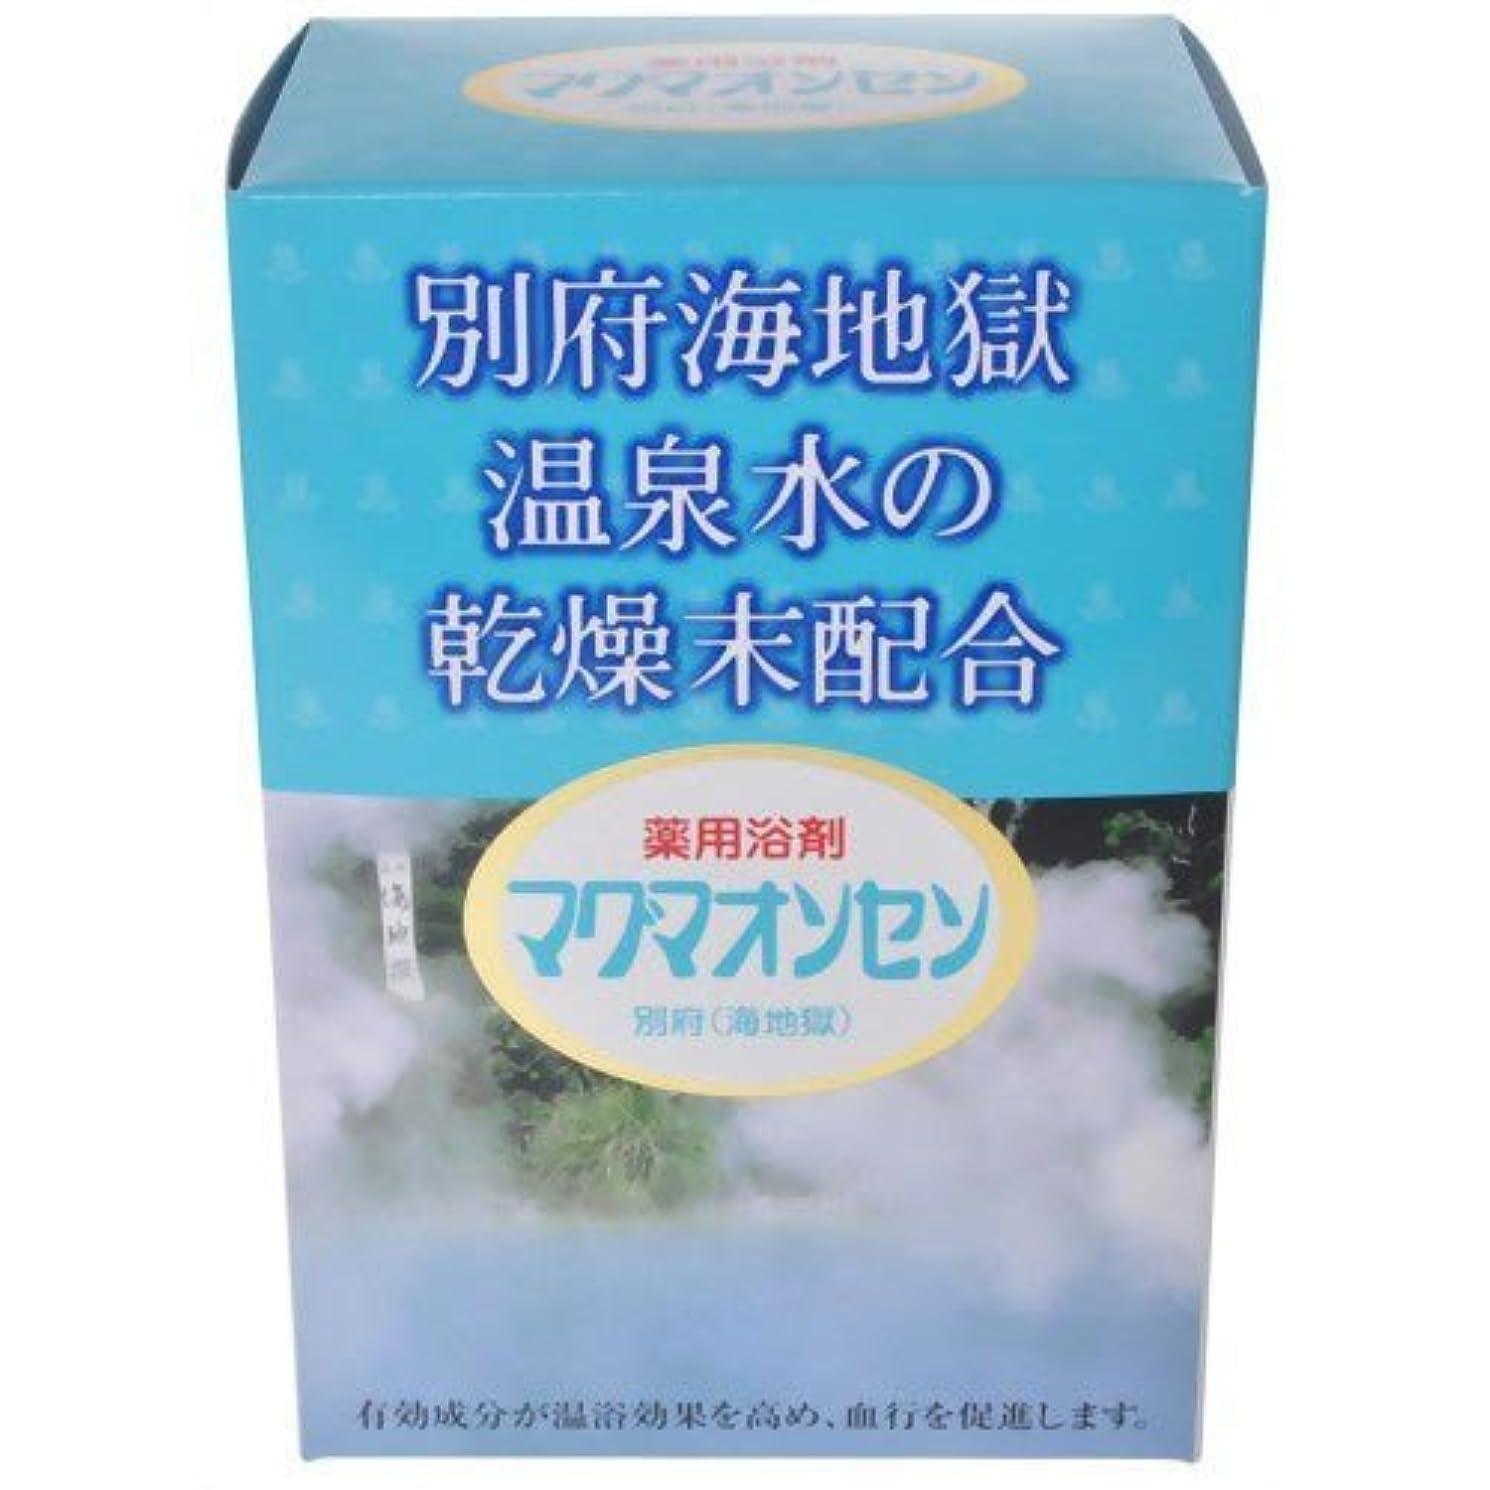 攻撃的前方へ遠い日本薬品開発 日本薬品 マグマオンセン15g*21包